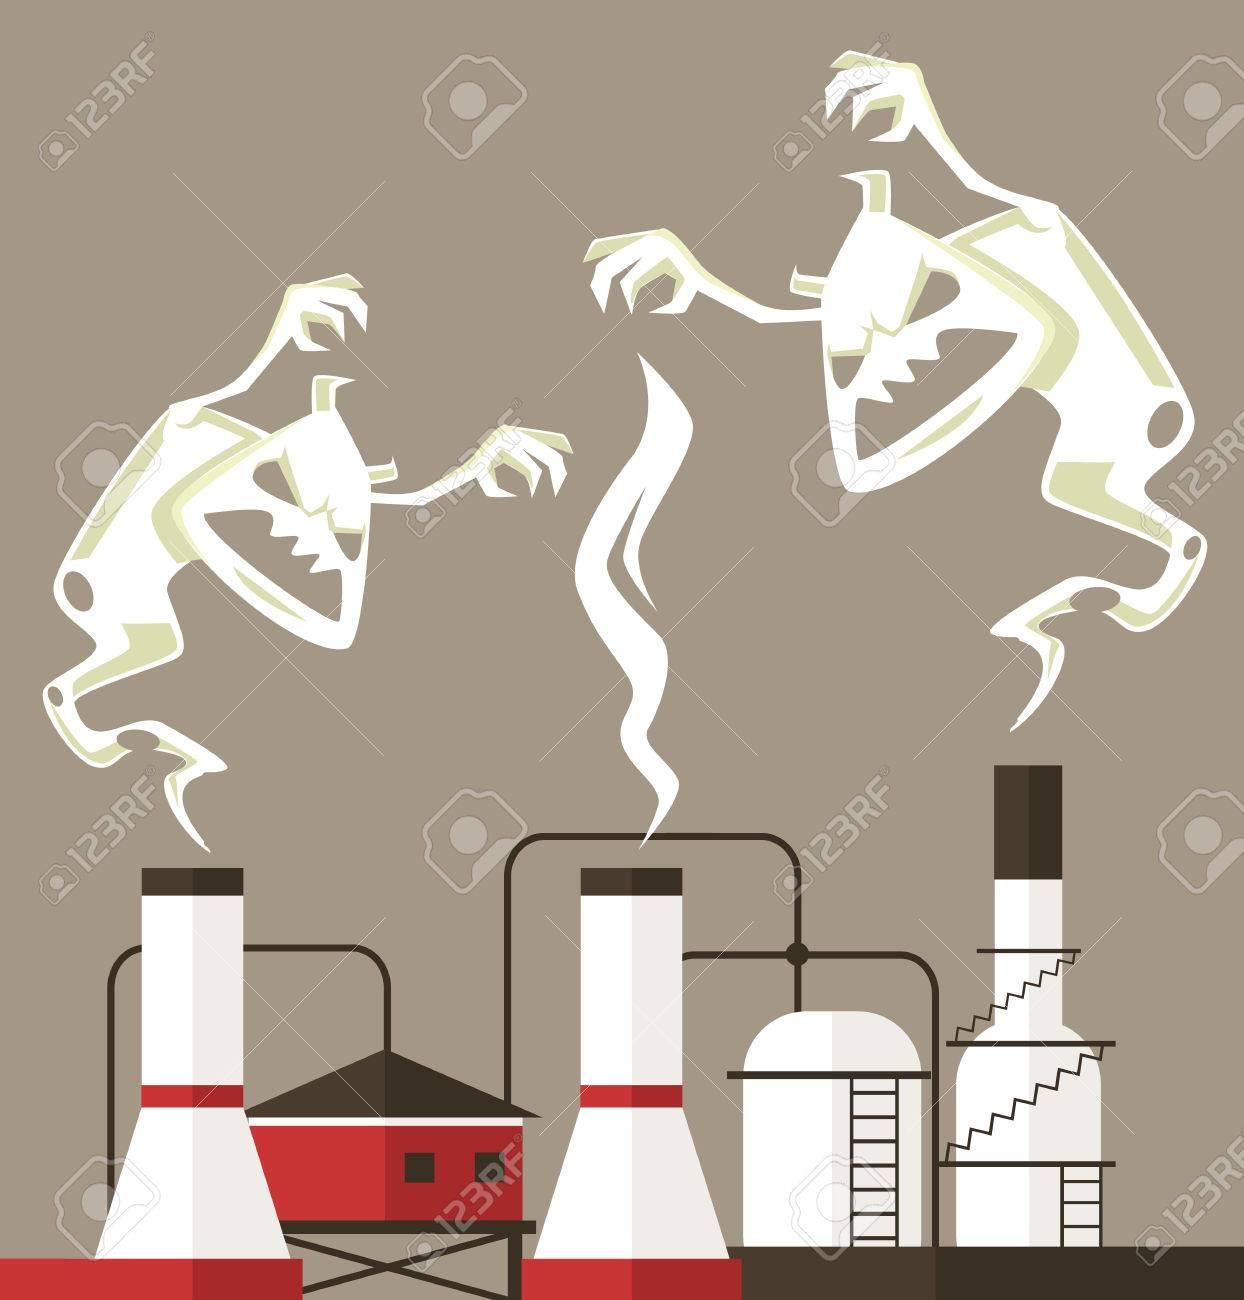 La Contaminación Del Aire Monstruo De Humo Vector Ilustración De